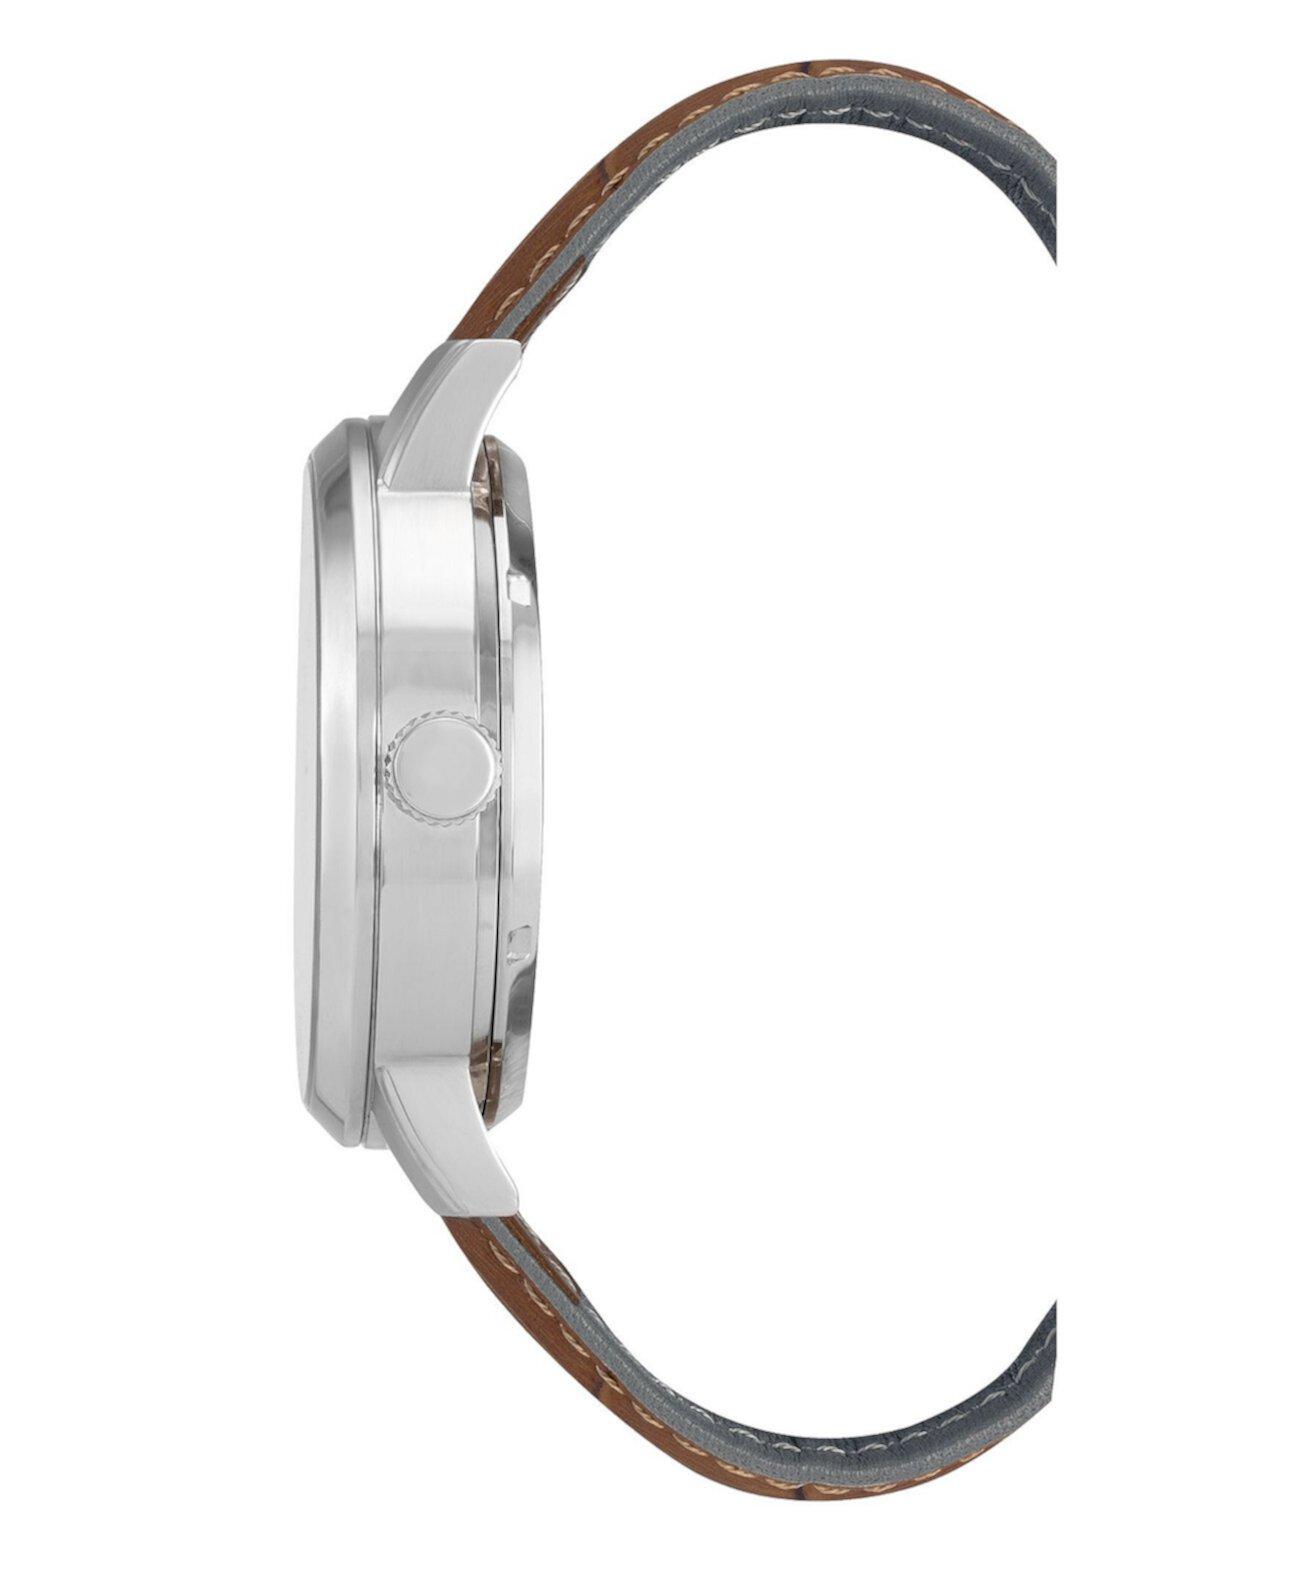 Мужские коричневые часы с ремешком из натуральной кожи, 46мм Kenneth Cole New York